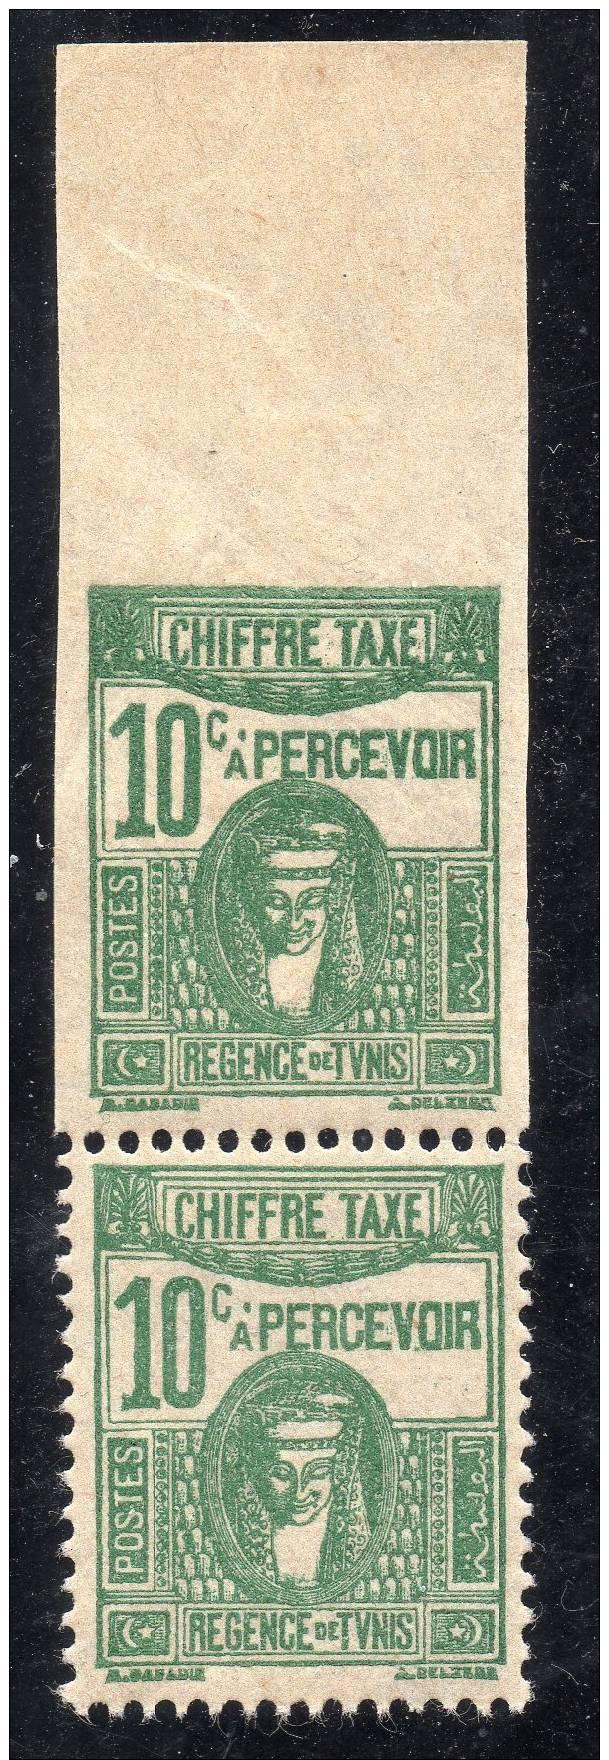 VARIETE TENANT A NORMAL DU N° 59 TIMBRE TAXE DE TUNIS NEUF SANS TRACE DE CHARNIERE - Tunisie (1956-...)